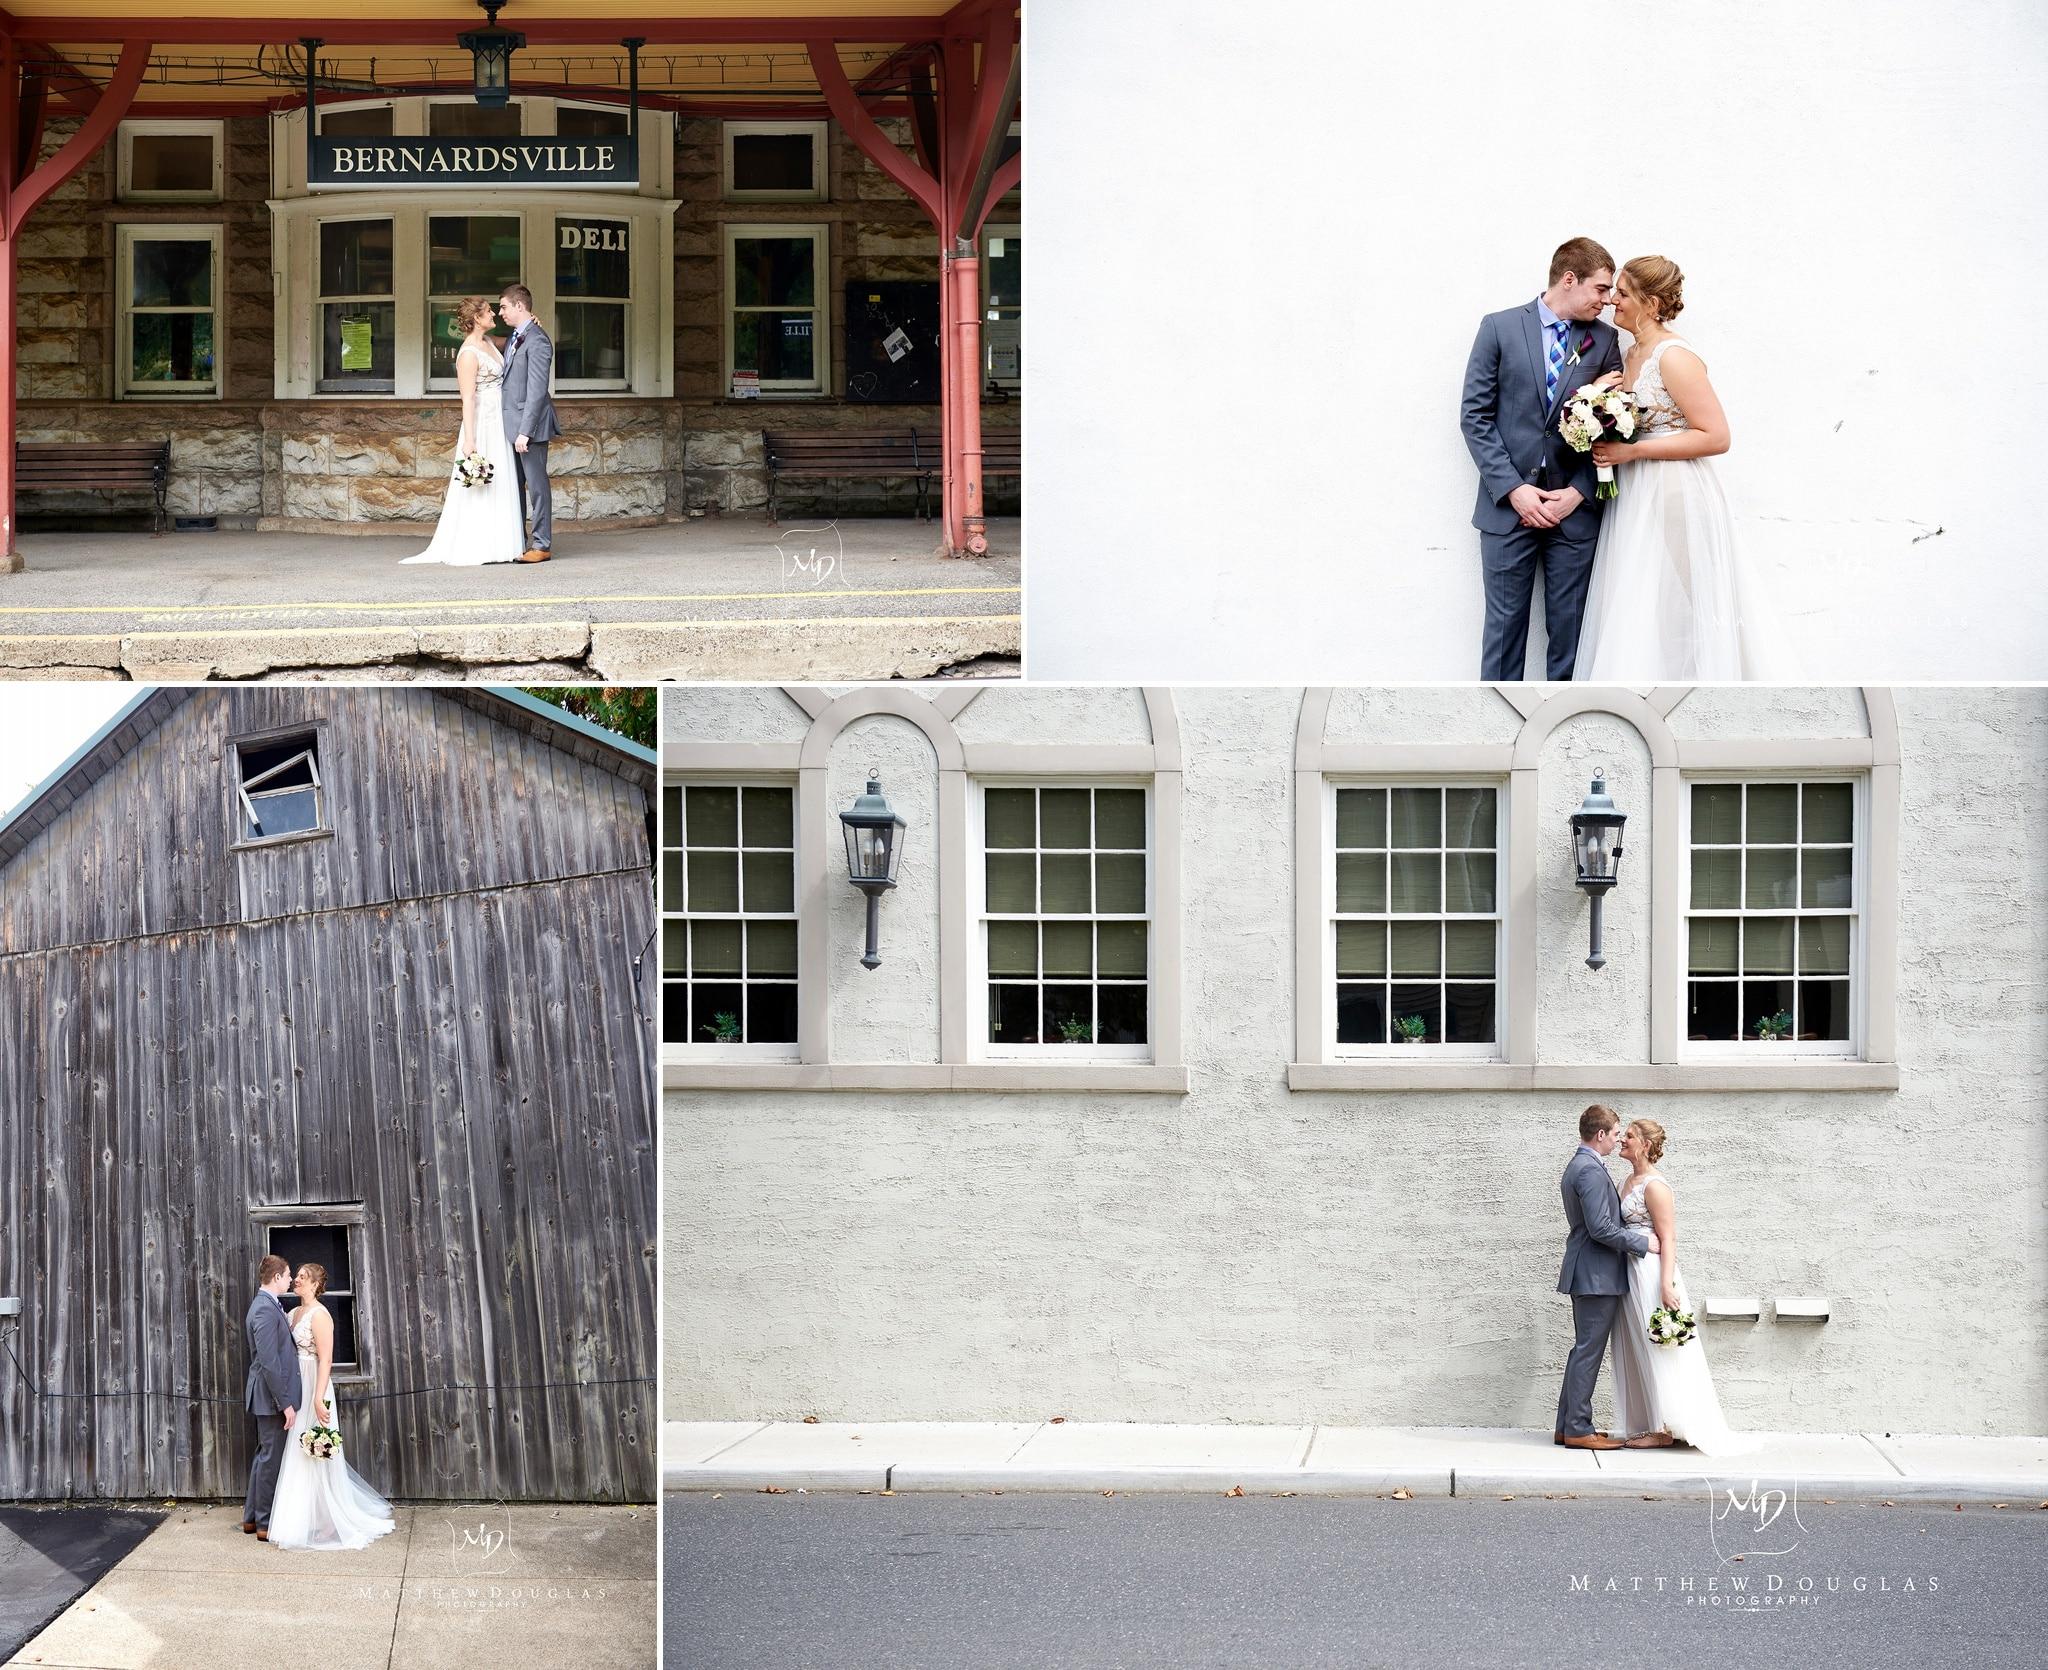 An intimate wedding at The Bernards Inn